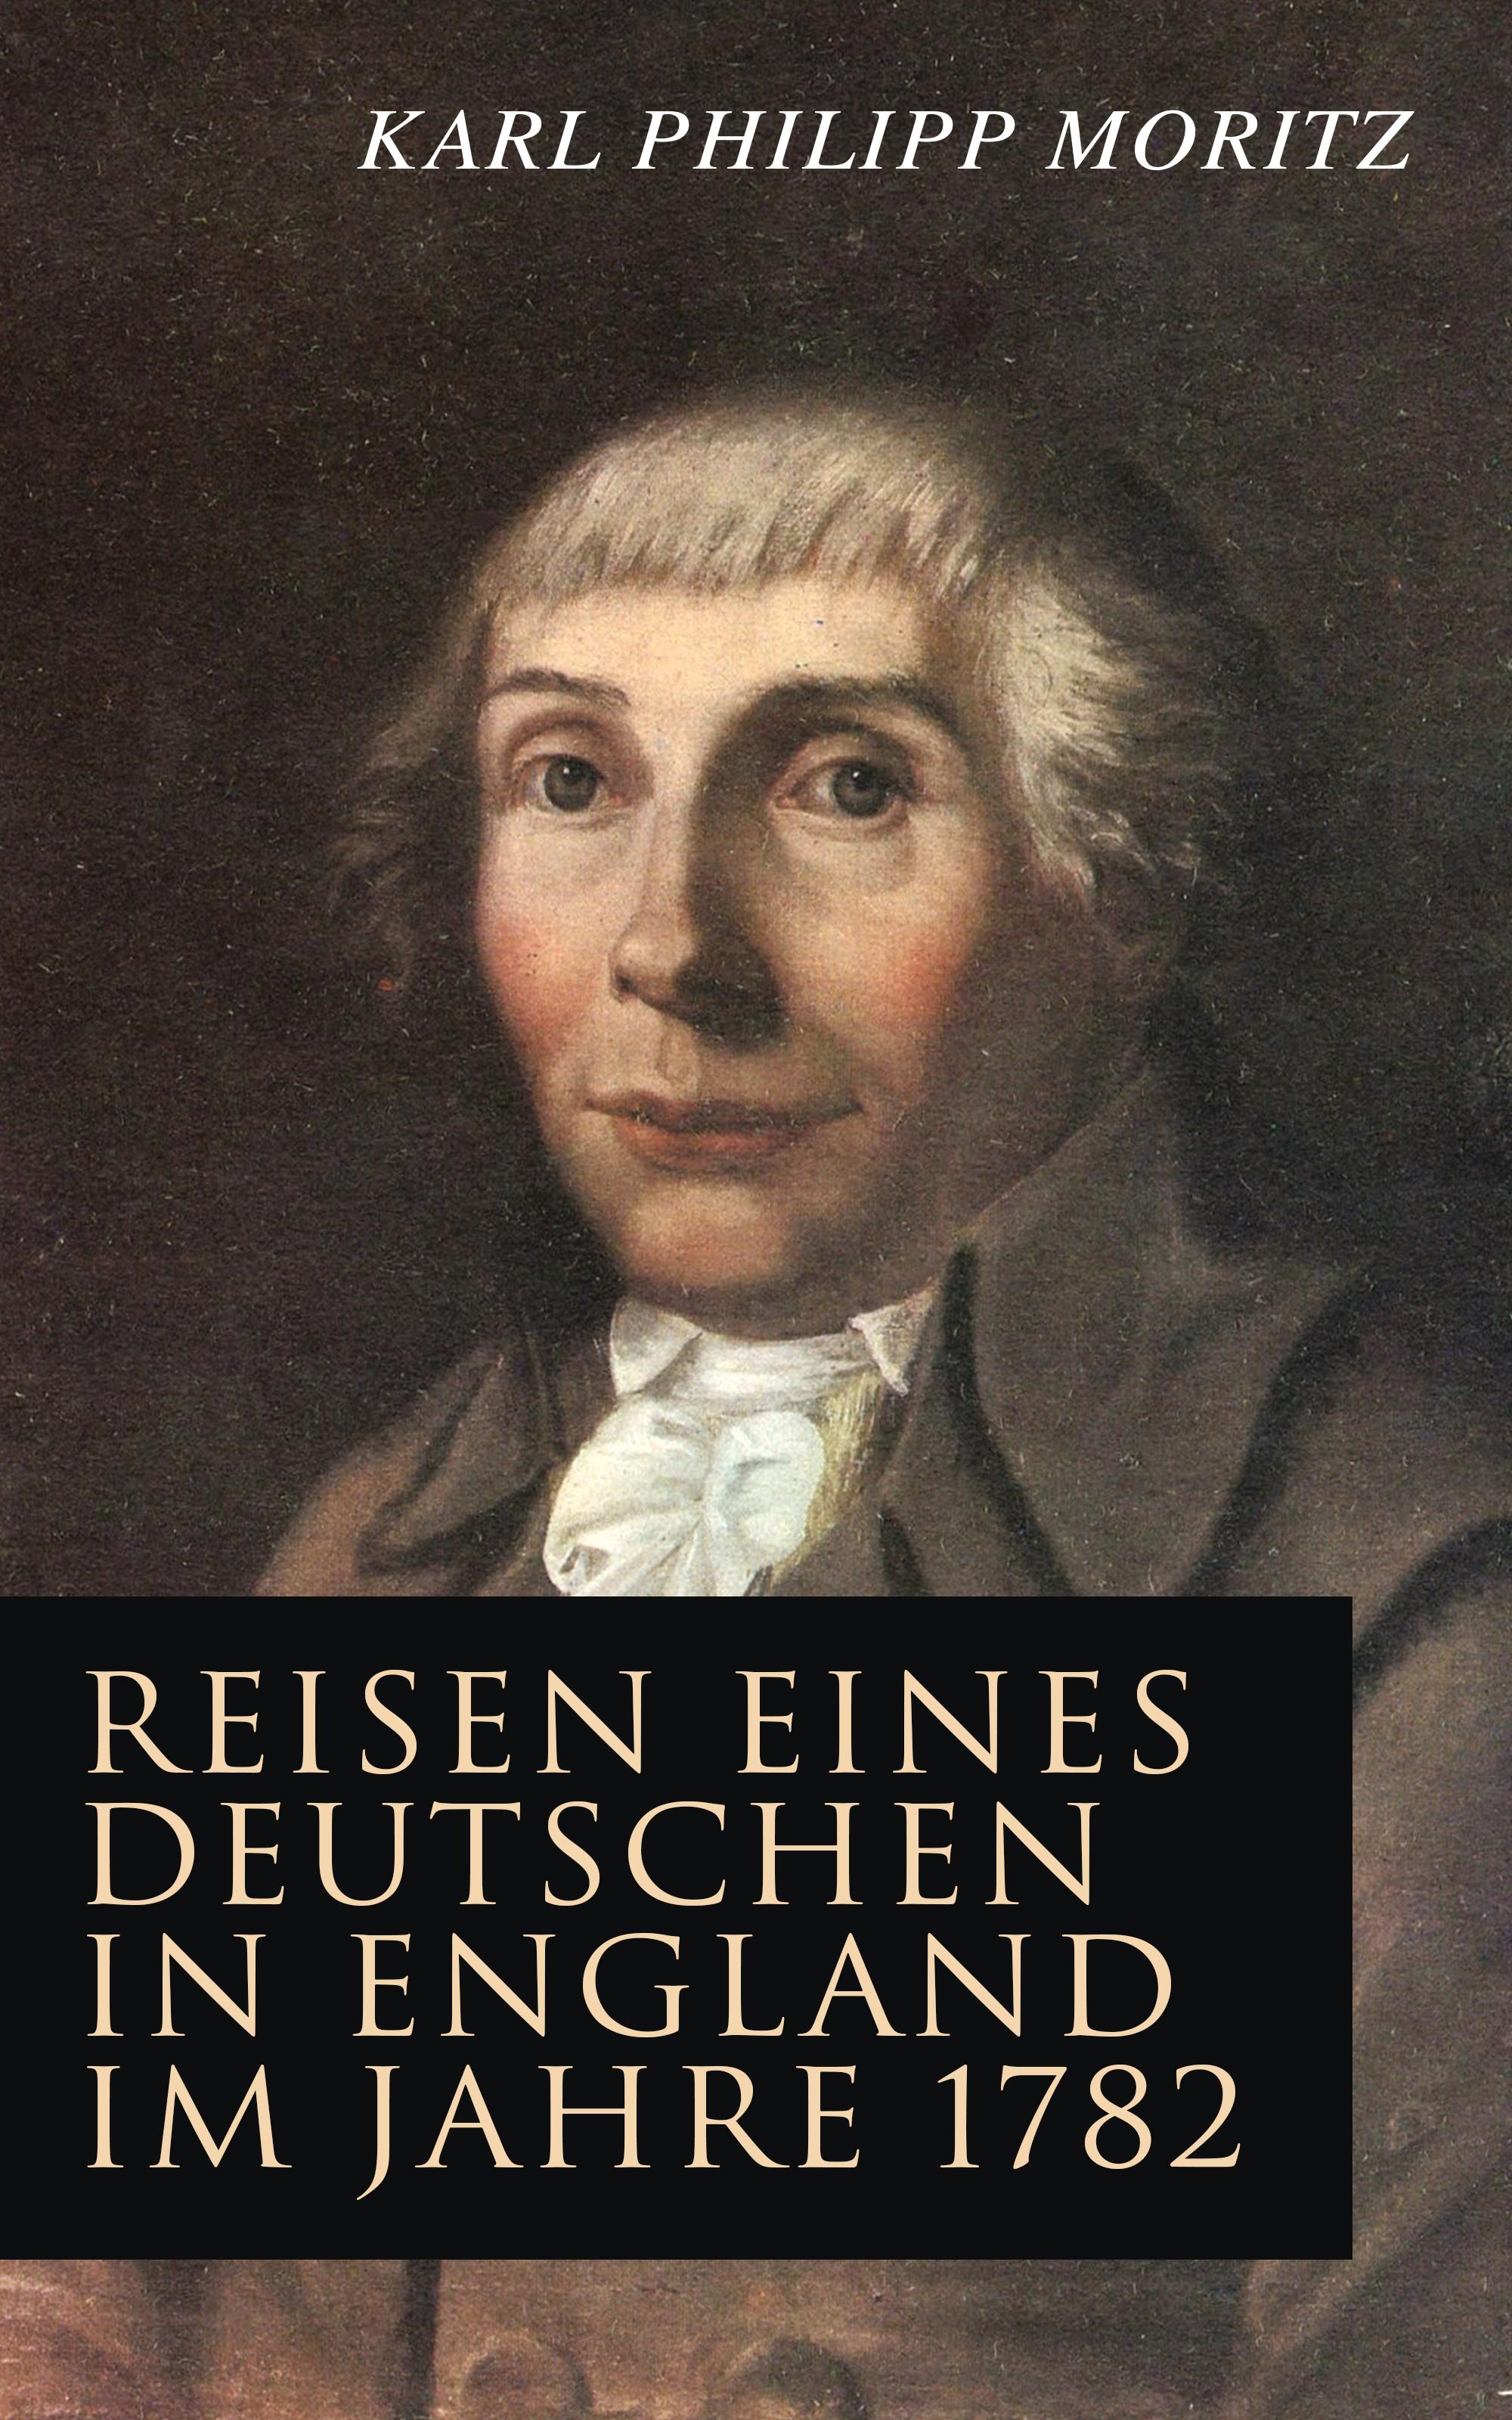 цена Karl Philipp Moritz Reisen eines Deutschen in England im Jahre 1782 онлайн в 2017 году